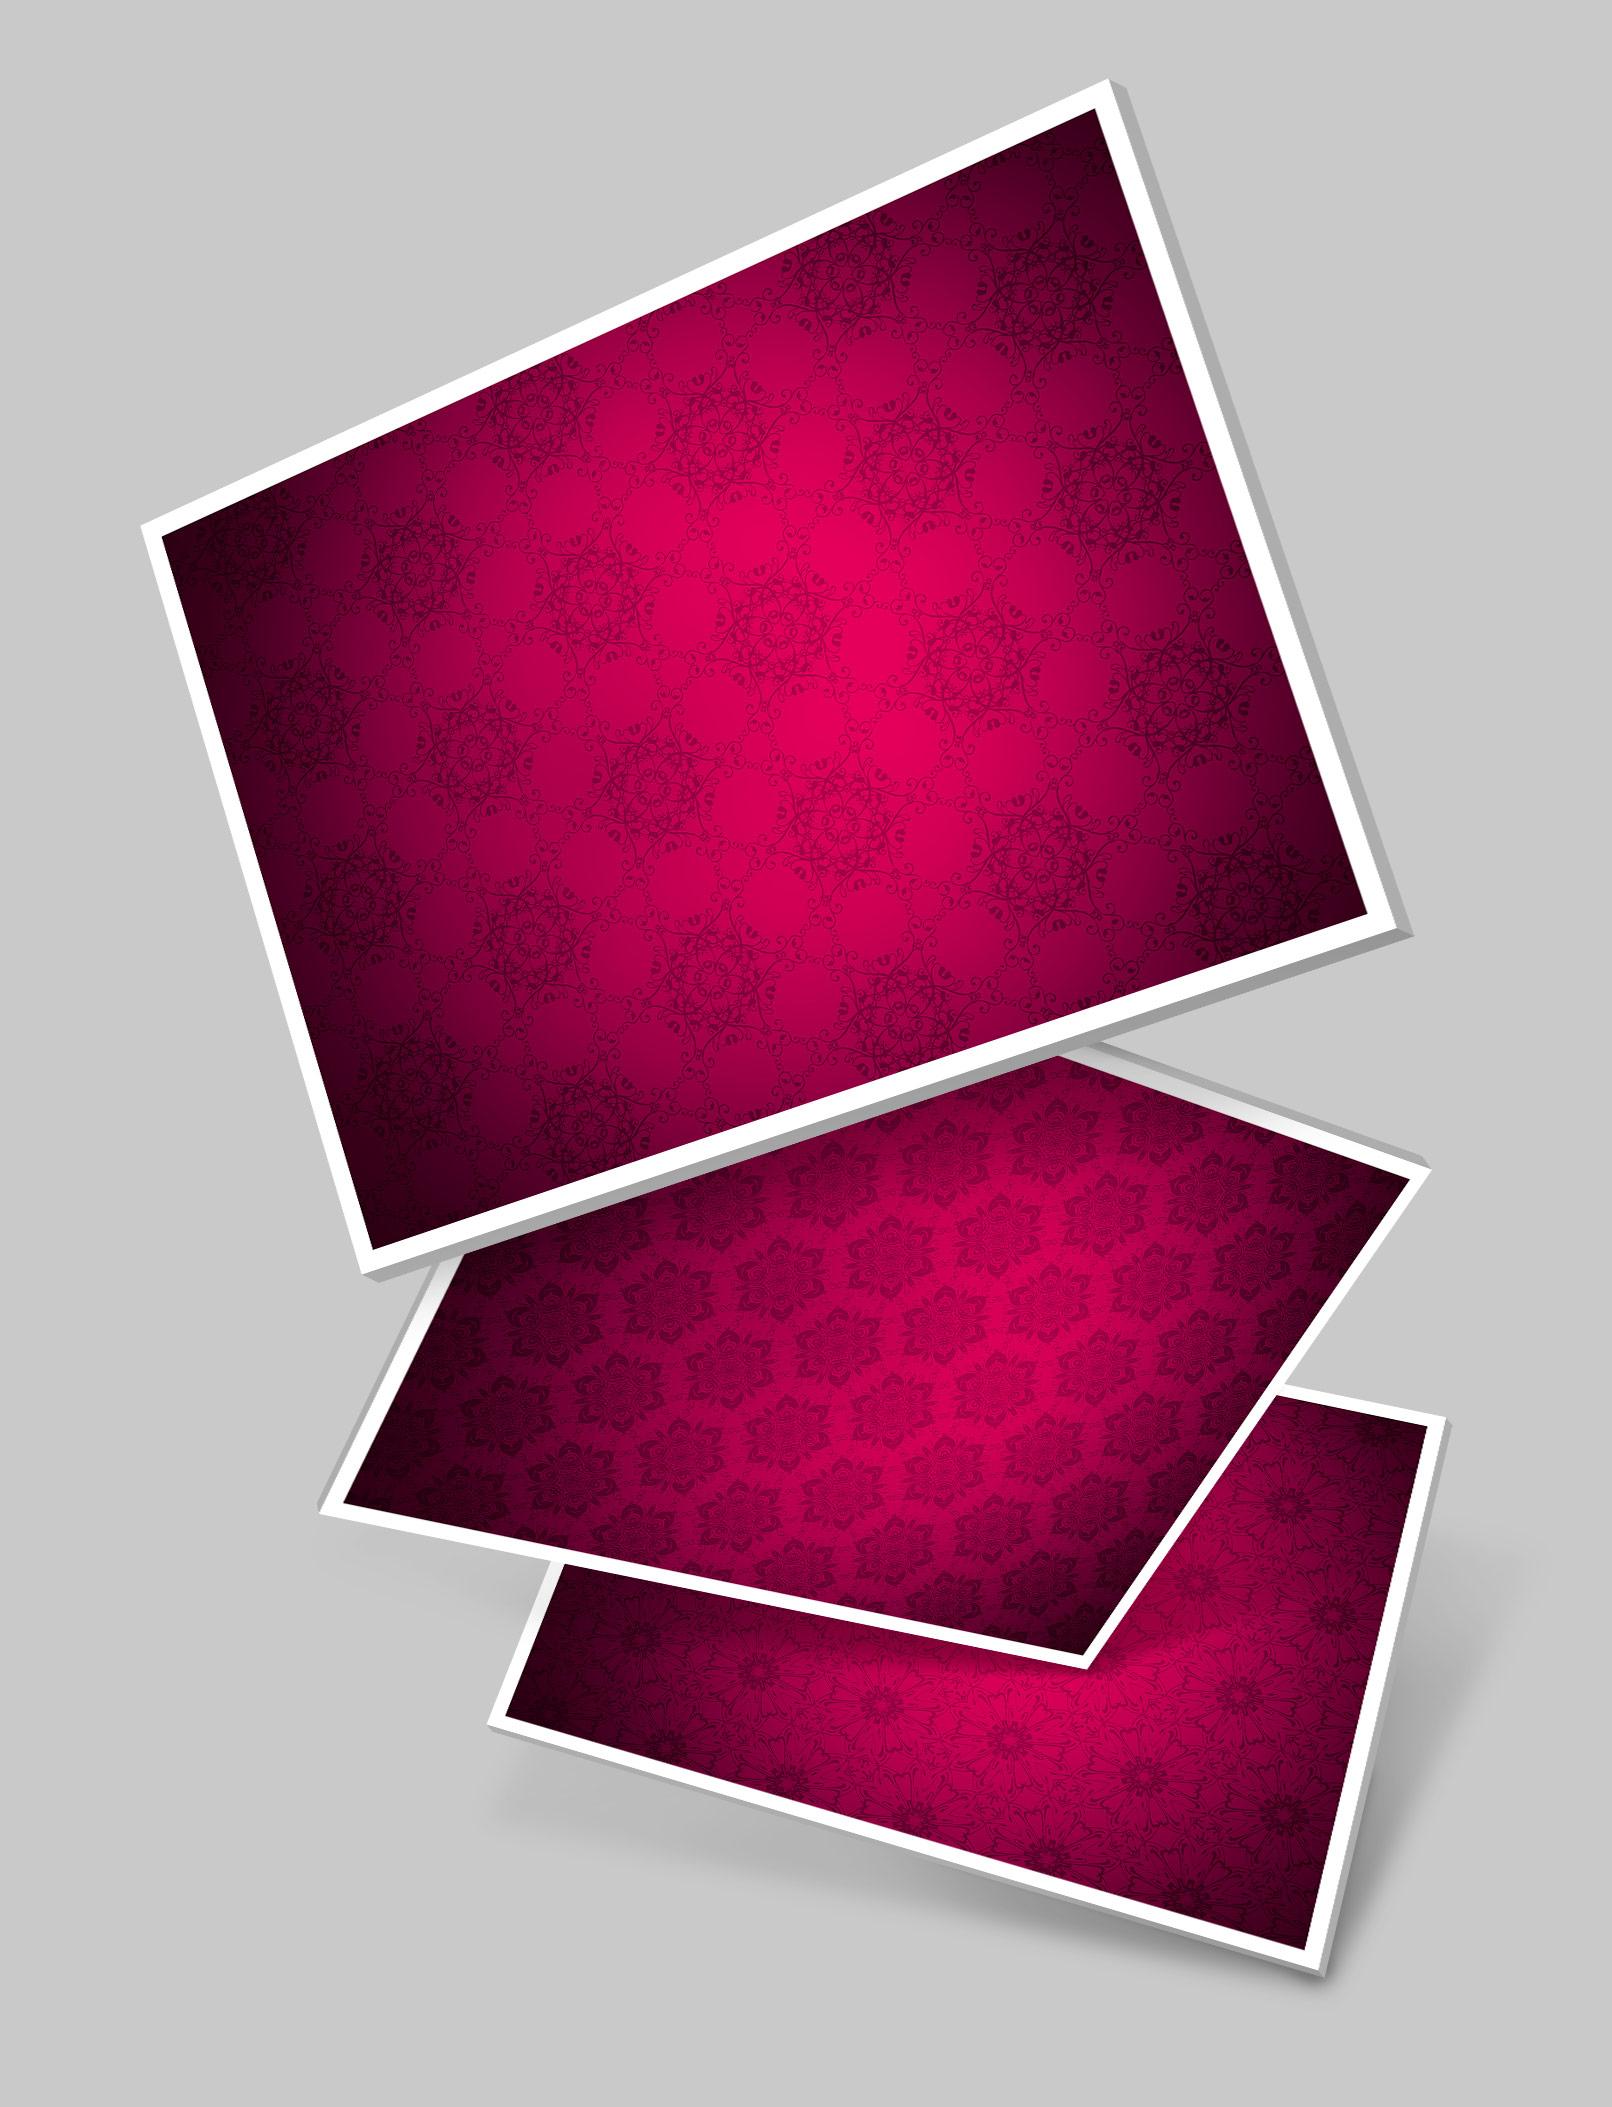 Drei Varianten des magentafarbenen Scrapbooking-Papiers